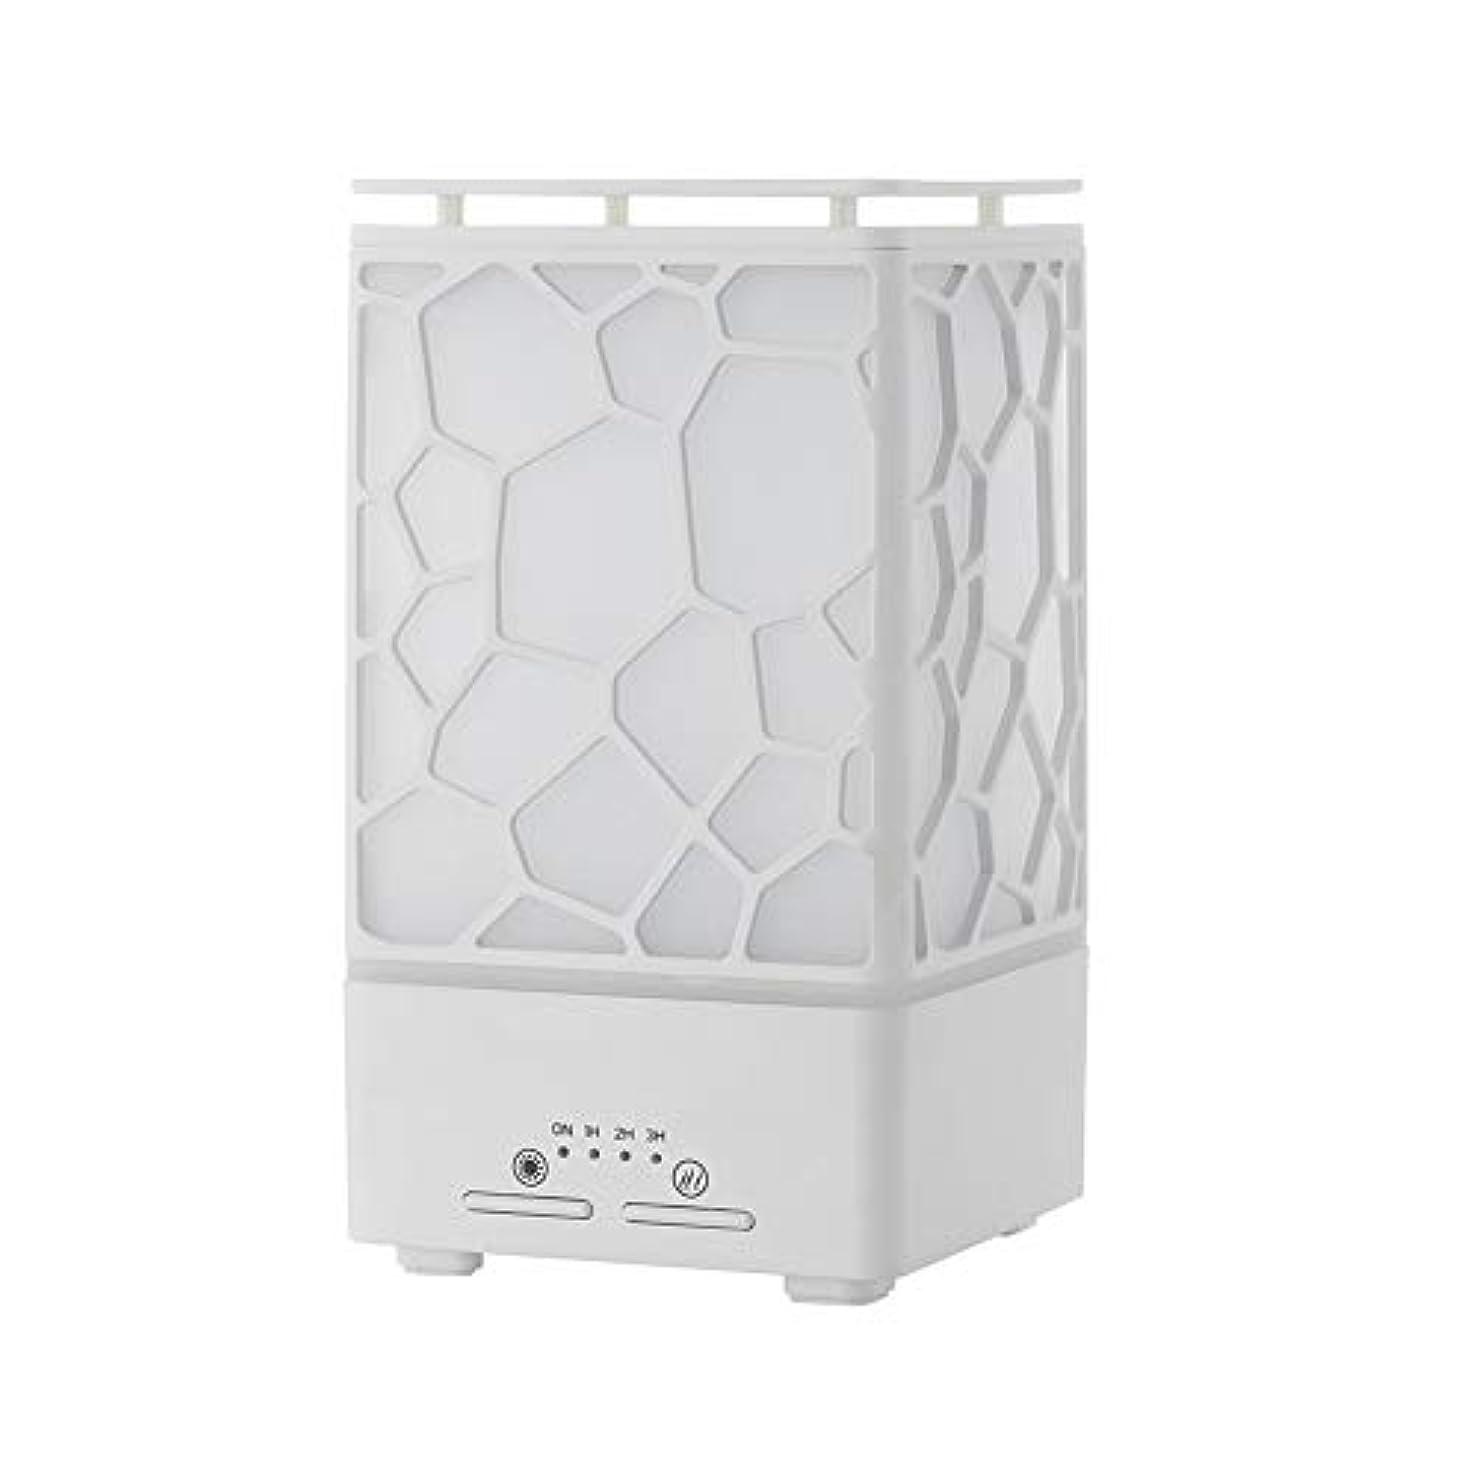 干渉合体四分円デスク ミニ ウォーターキューブ 加湿器,涼しい霧 精油 ディフューザー 超音波式 香り 加湿機 時間 7 色 ホーム Yoga スパ オフィス- 200ml